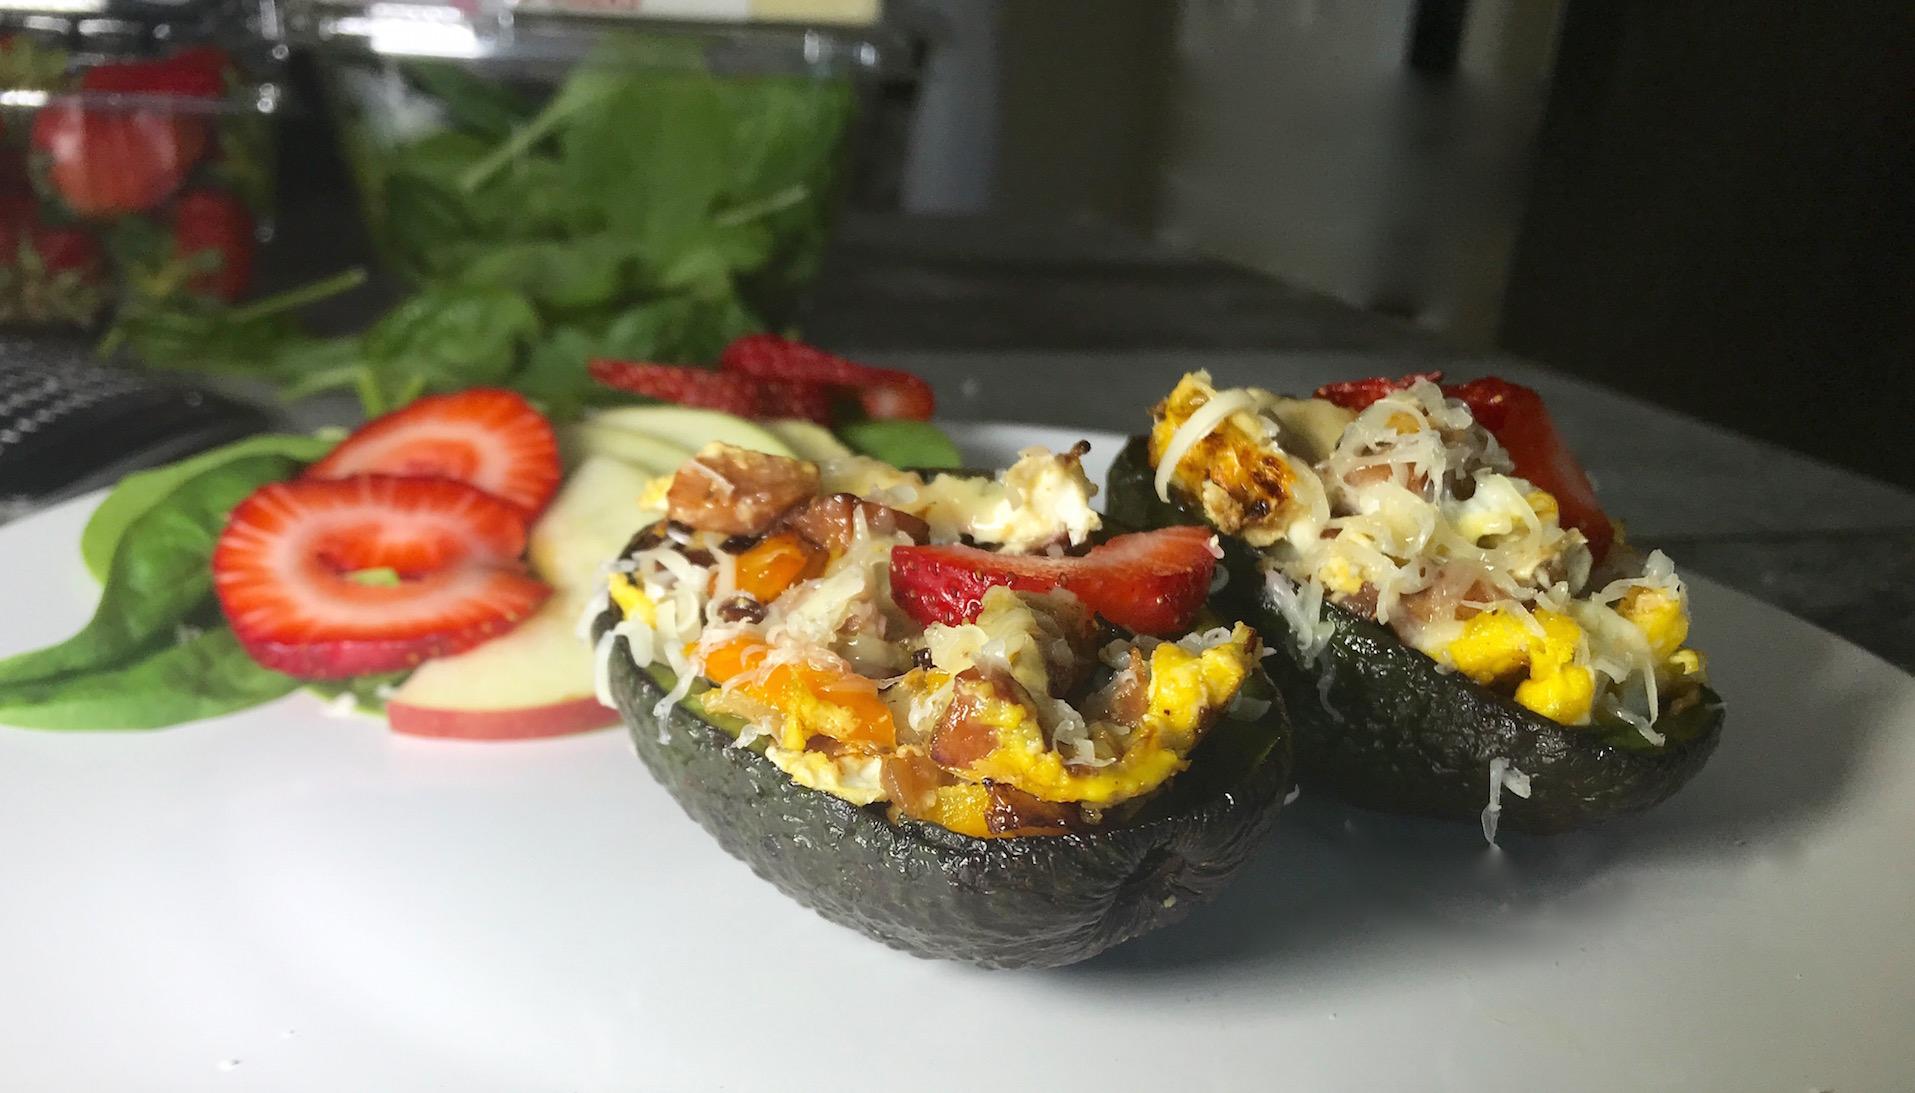 Photo Recette Oeufs broyés avec Petits Légumes dans une Pelure D'Avocat